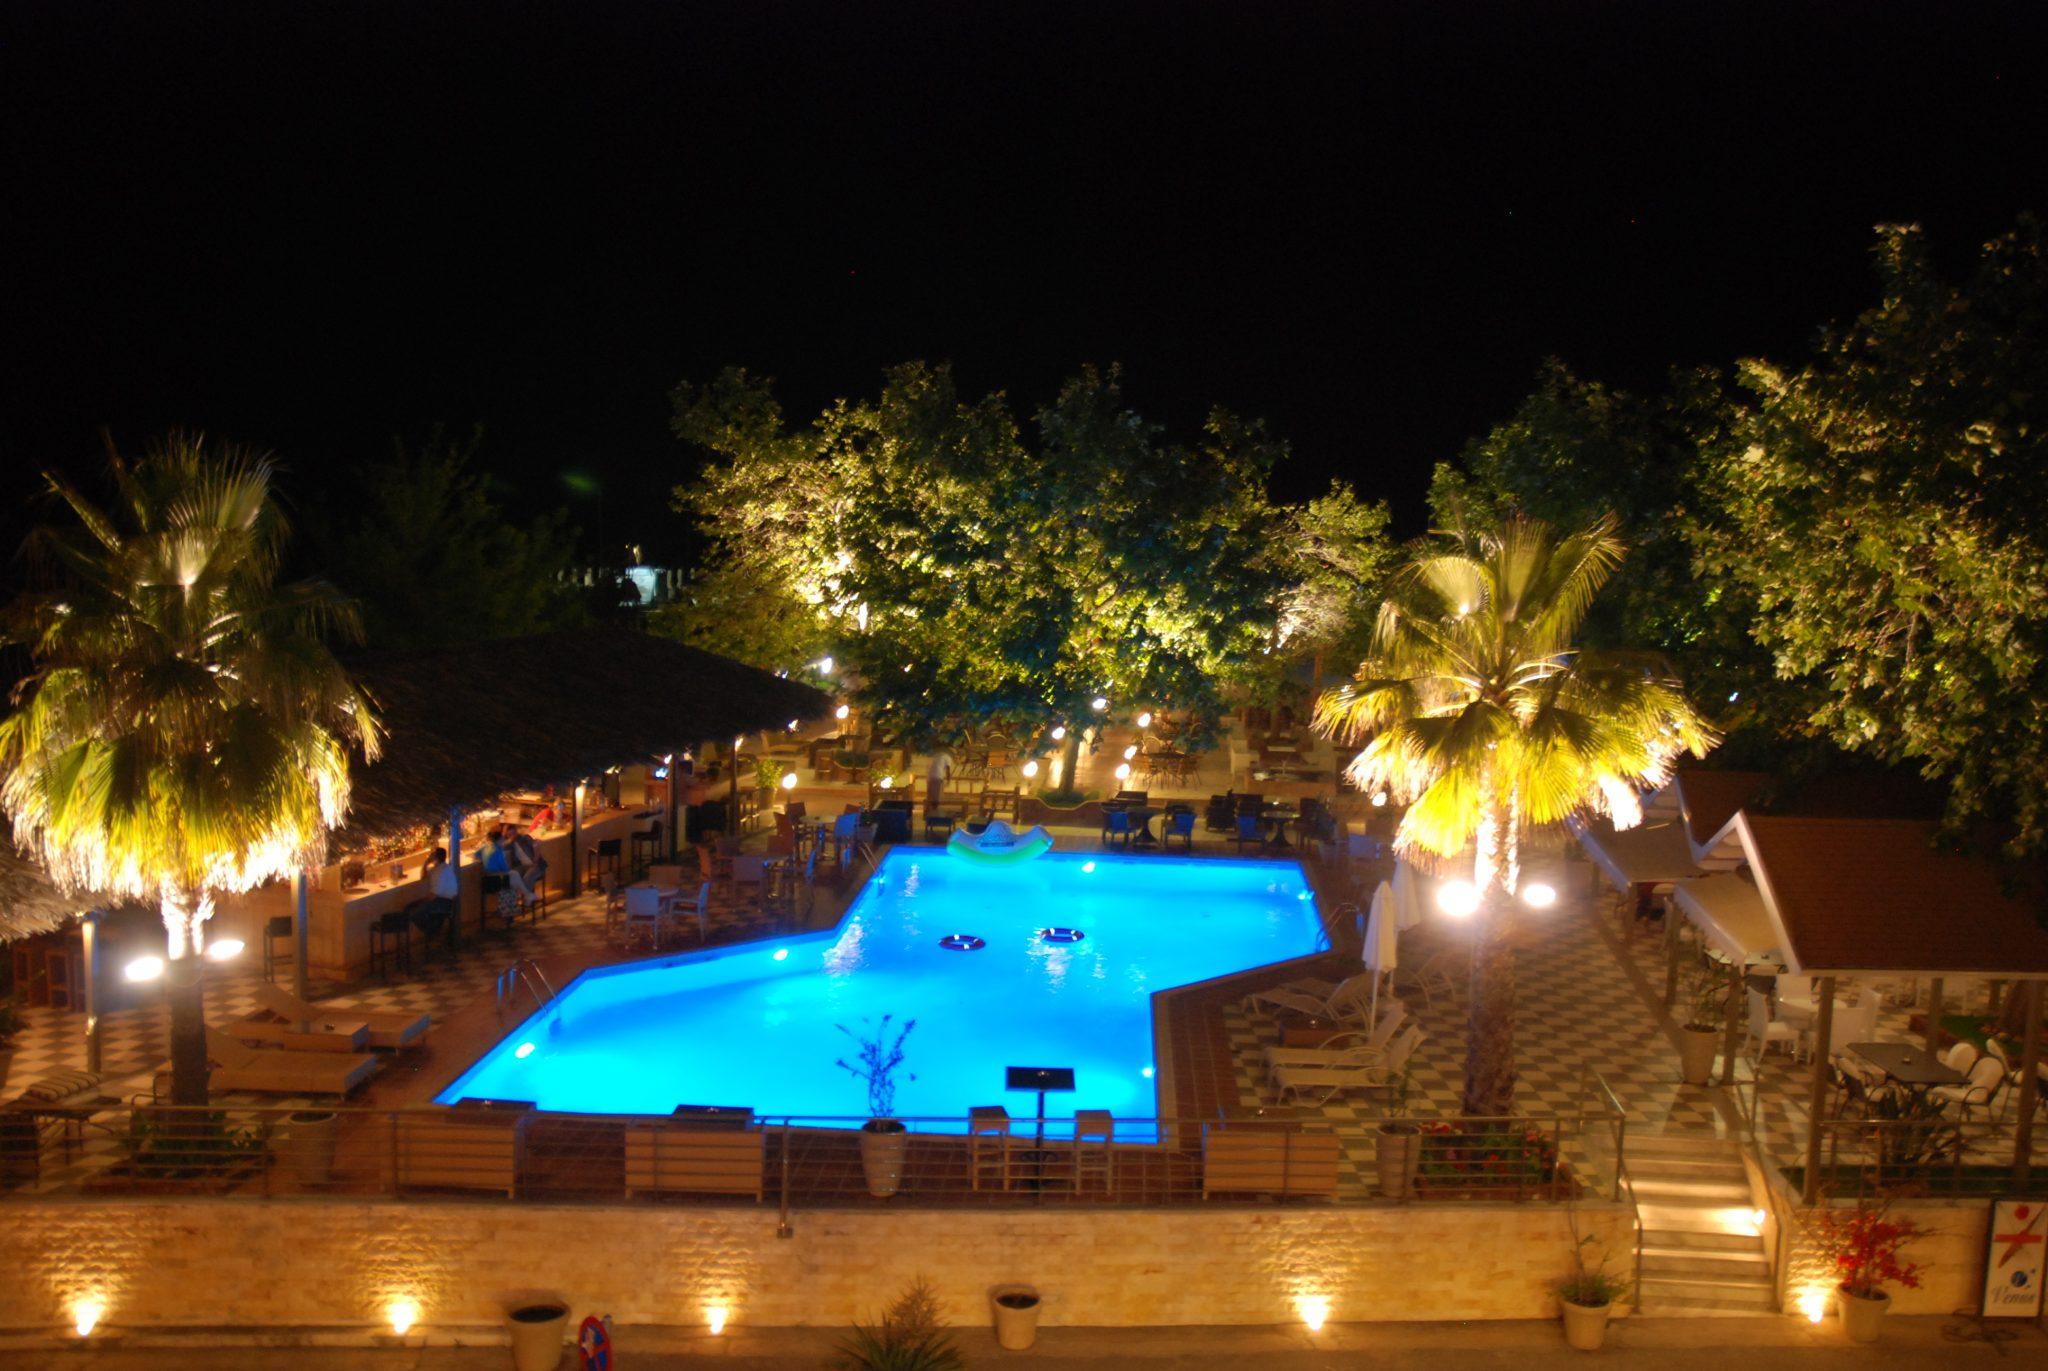 Pool photo 6